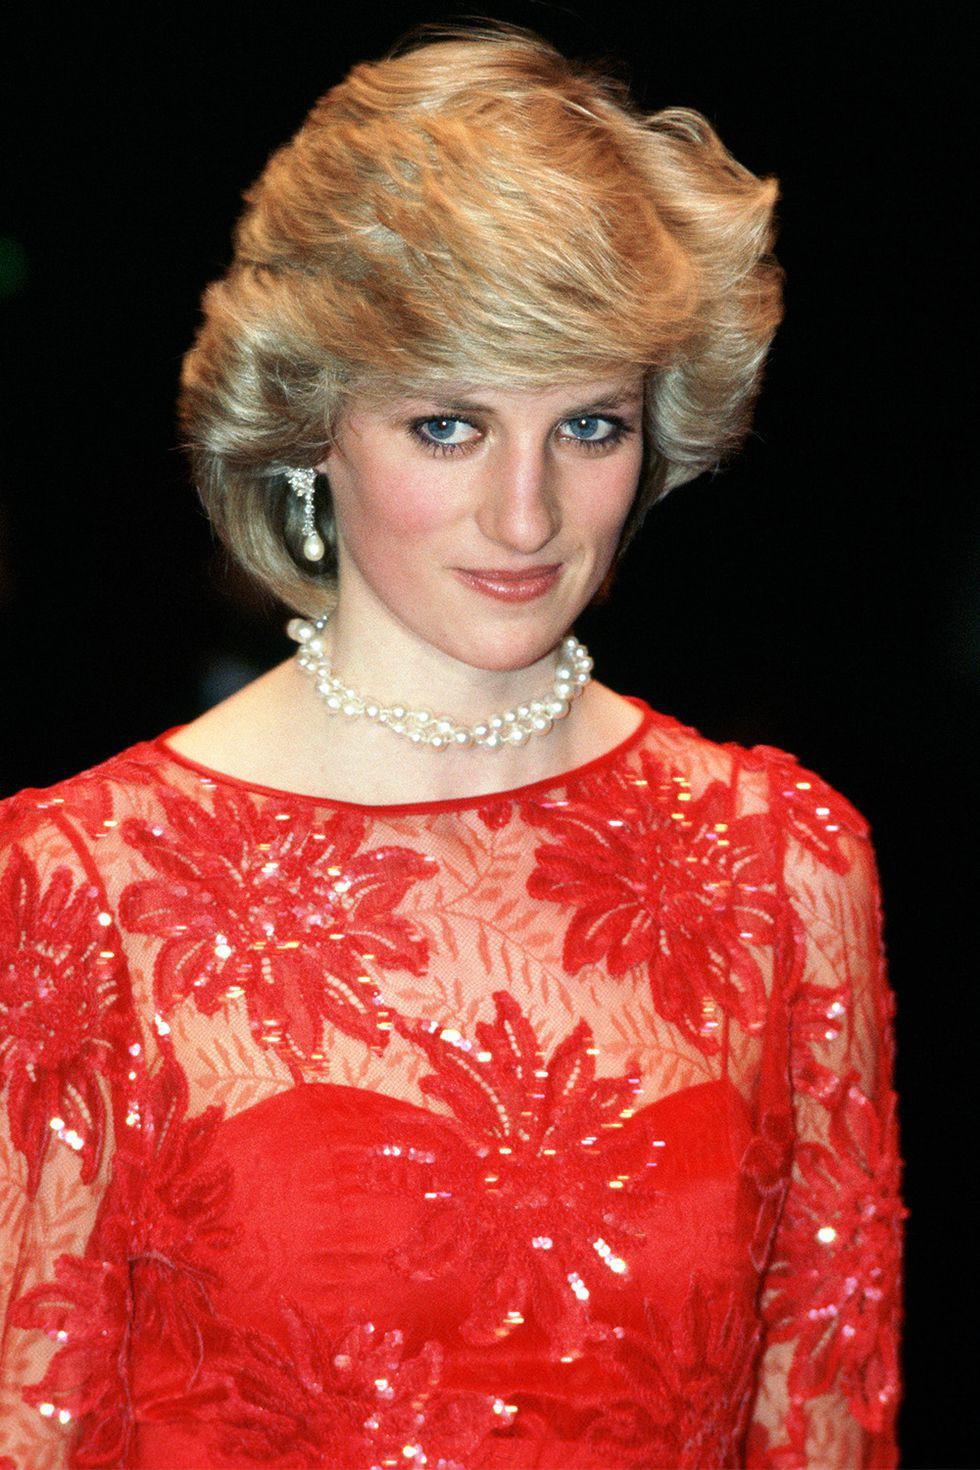 Mấy ai để ý rằng Công nương Diana cũng có một thời để tóc lỡ vai đầy dịu dàng và trang nhã đến vậy - Ảnh 1.